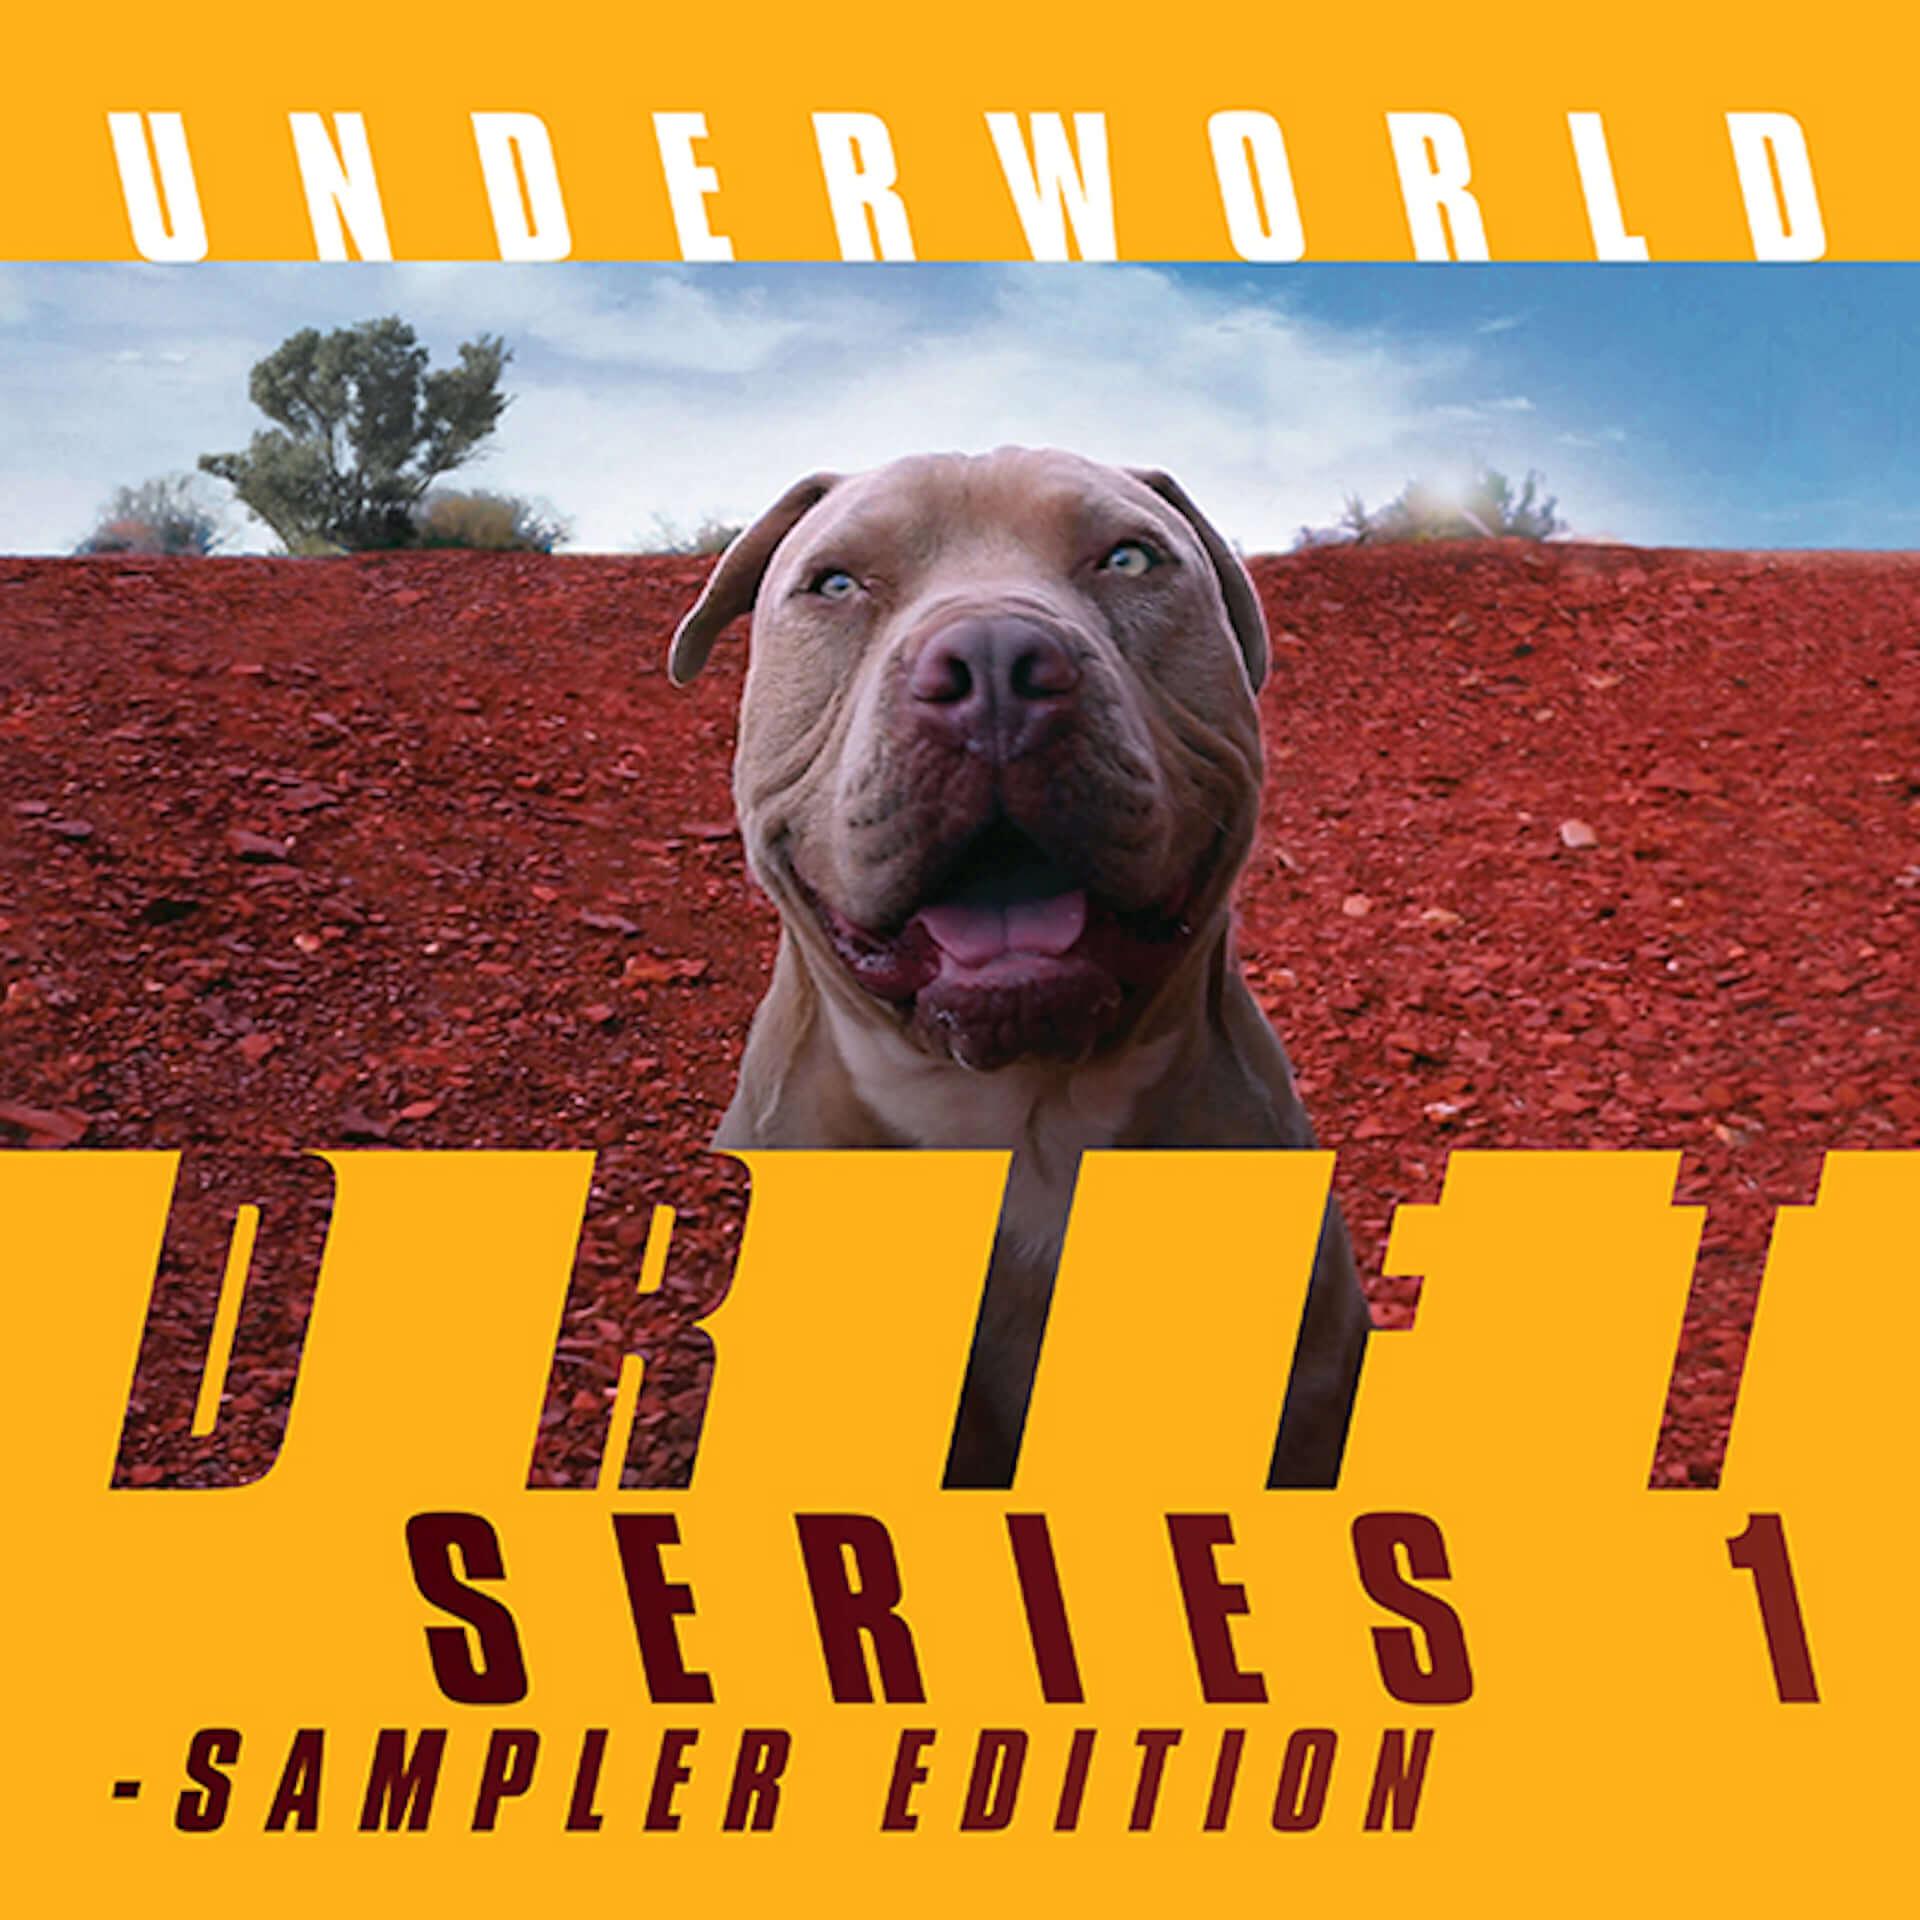 Underworldによる実験的プロジェクト「DRIFT」のコンプリート版ボックスセットがリリース!デジタル配信でも全曲解禁 music200918_underworld_2-1920x1920